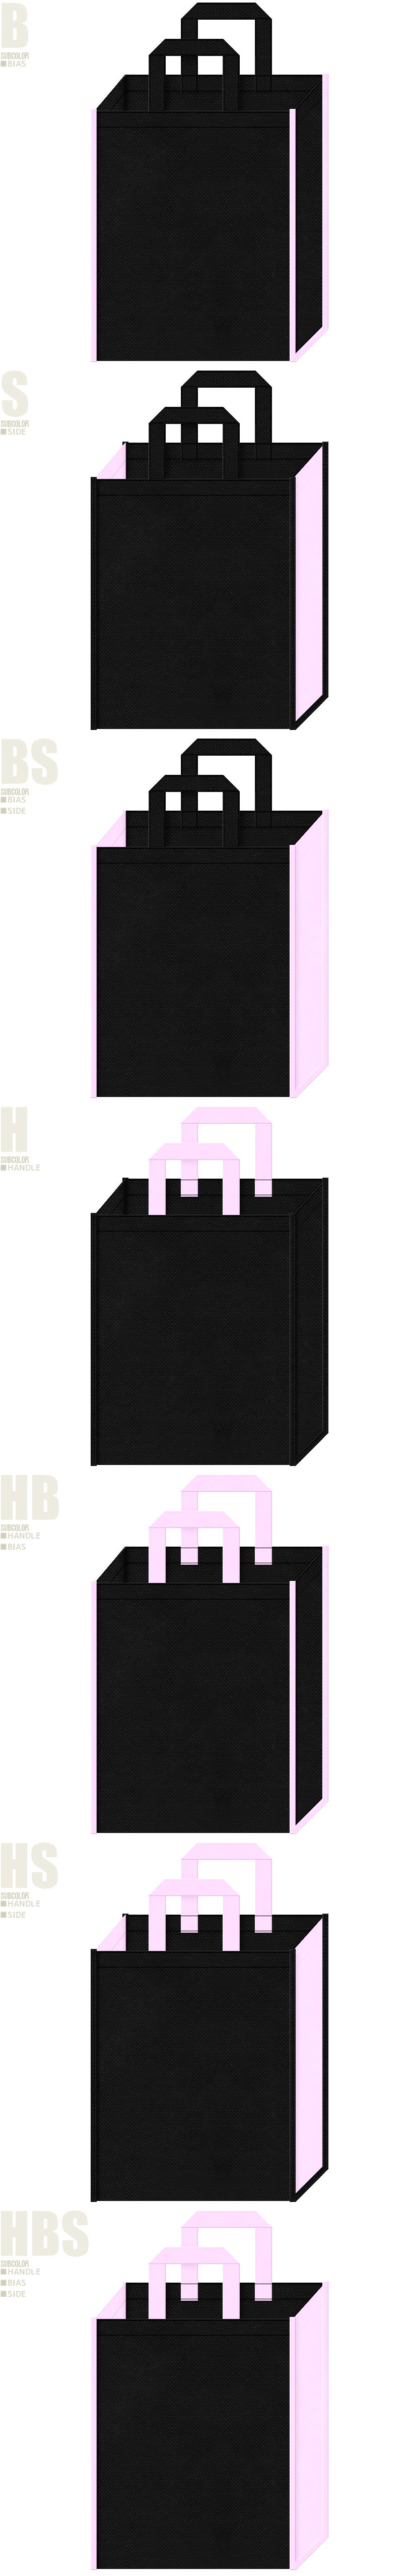 黒色と明るいピンク色、7パターンの不織布トートバッグ配色デザイン例。スポーティー、ゴスロリファッションにお奨めです。